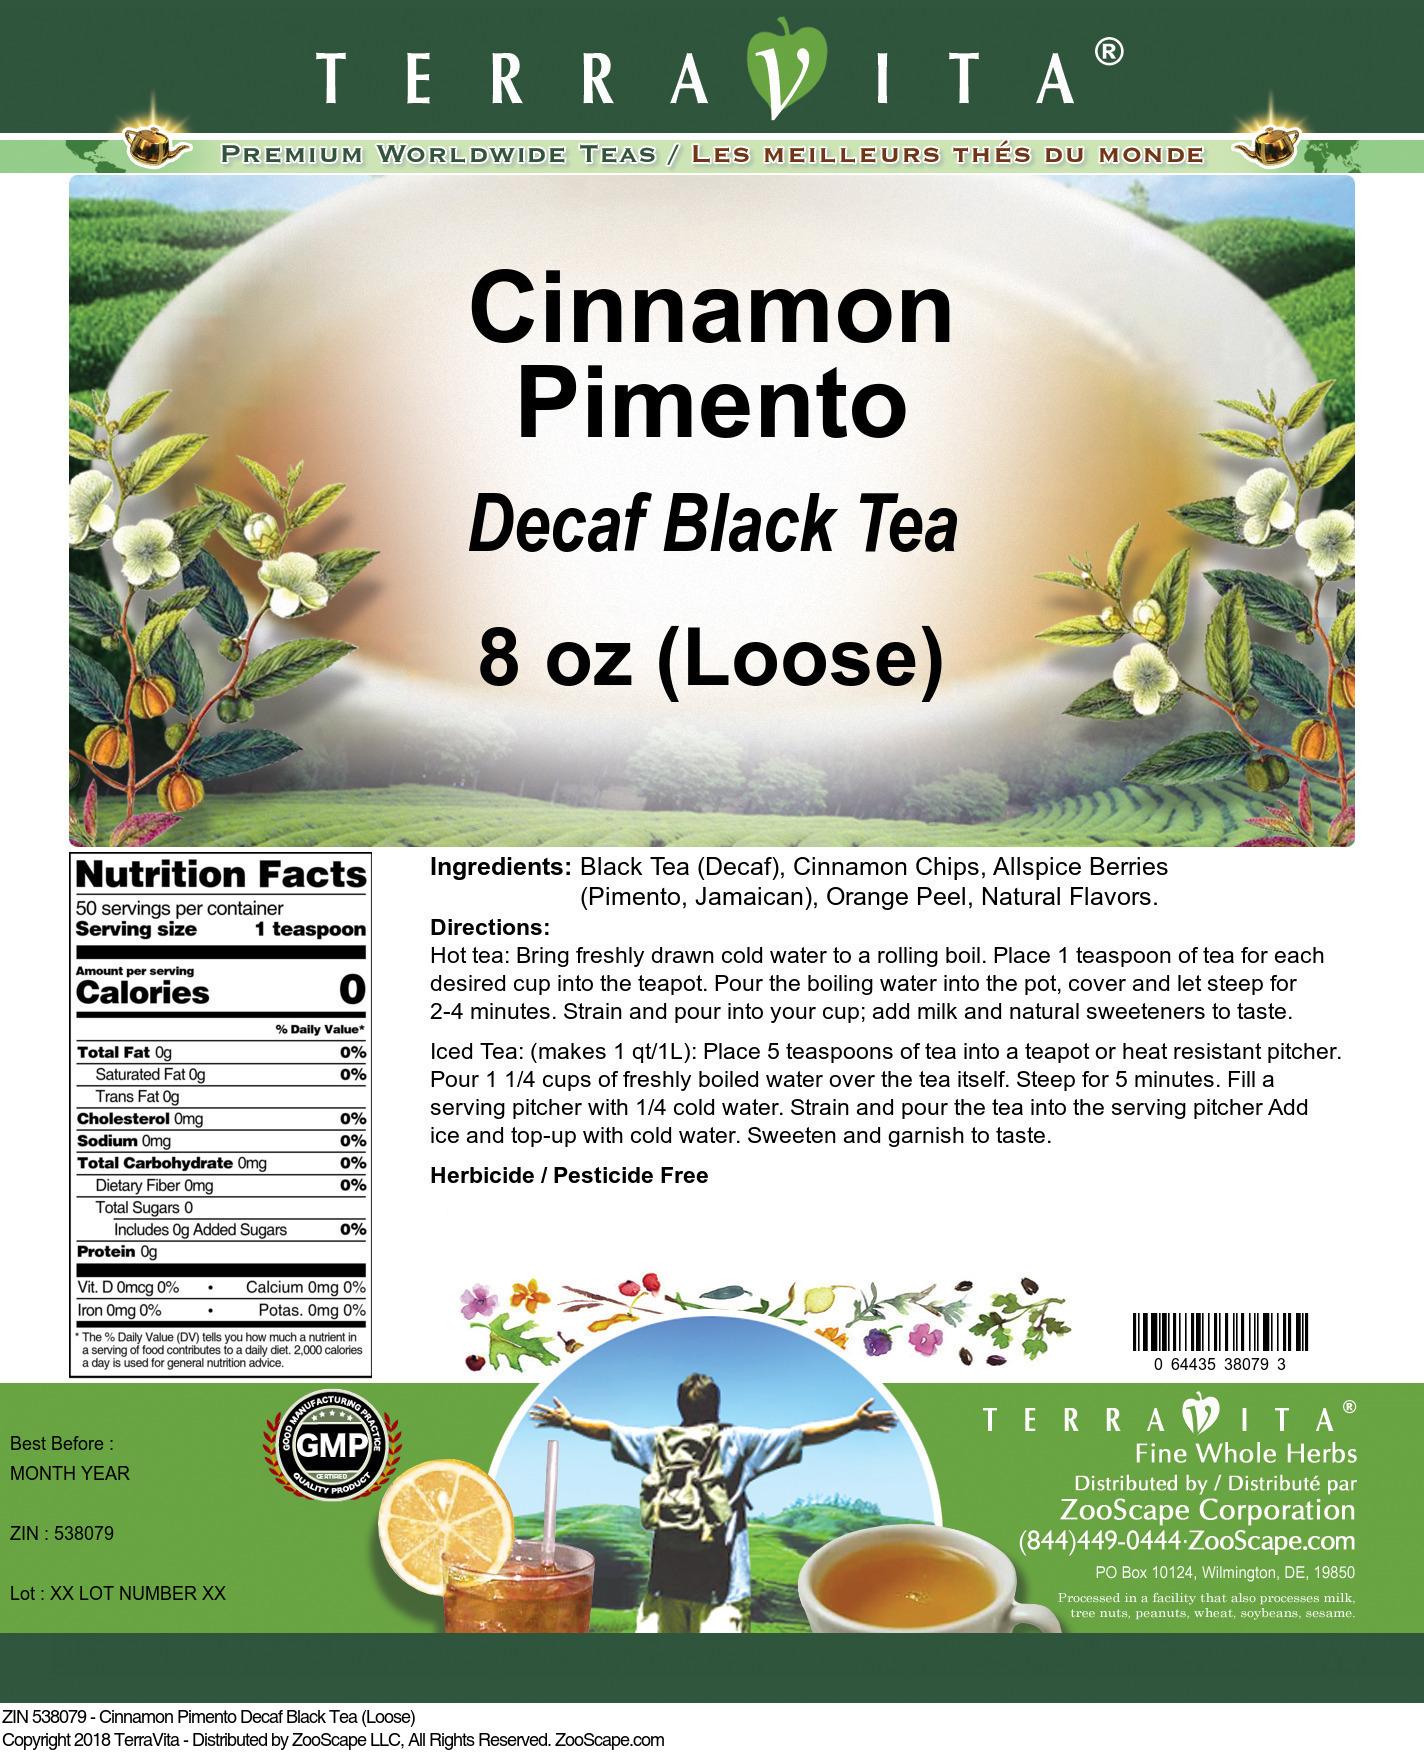 Cinnamon Pimento Decaf Black Tea